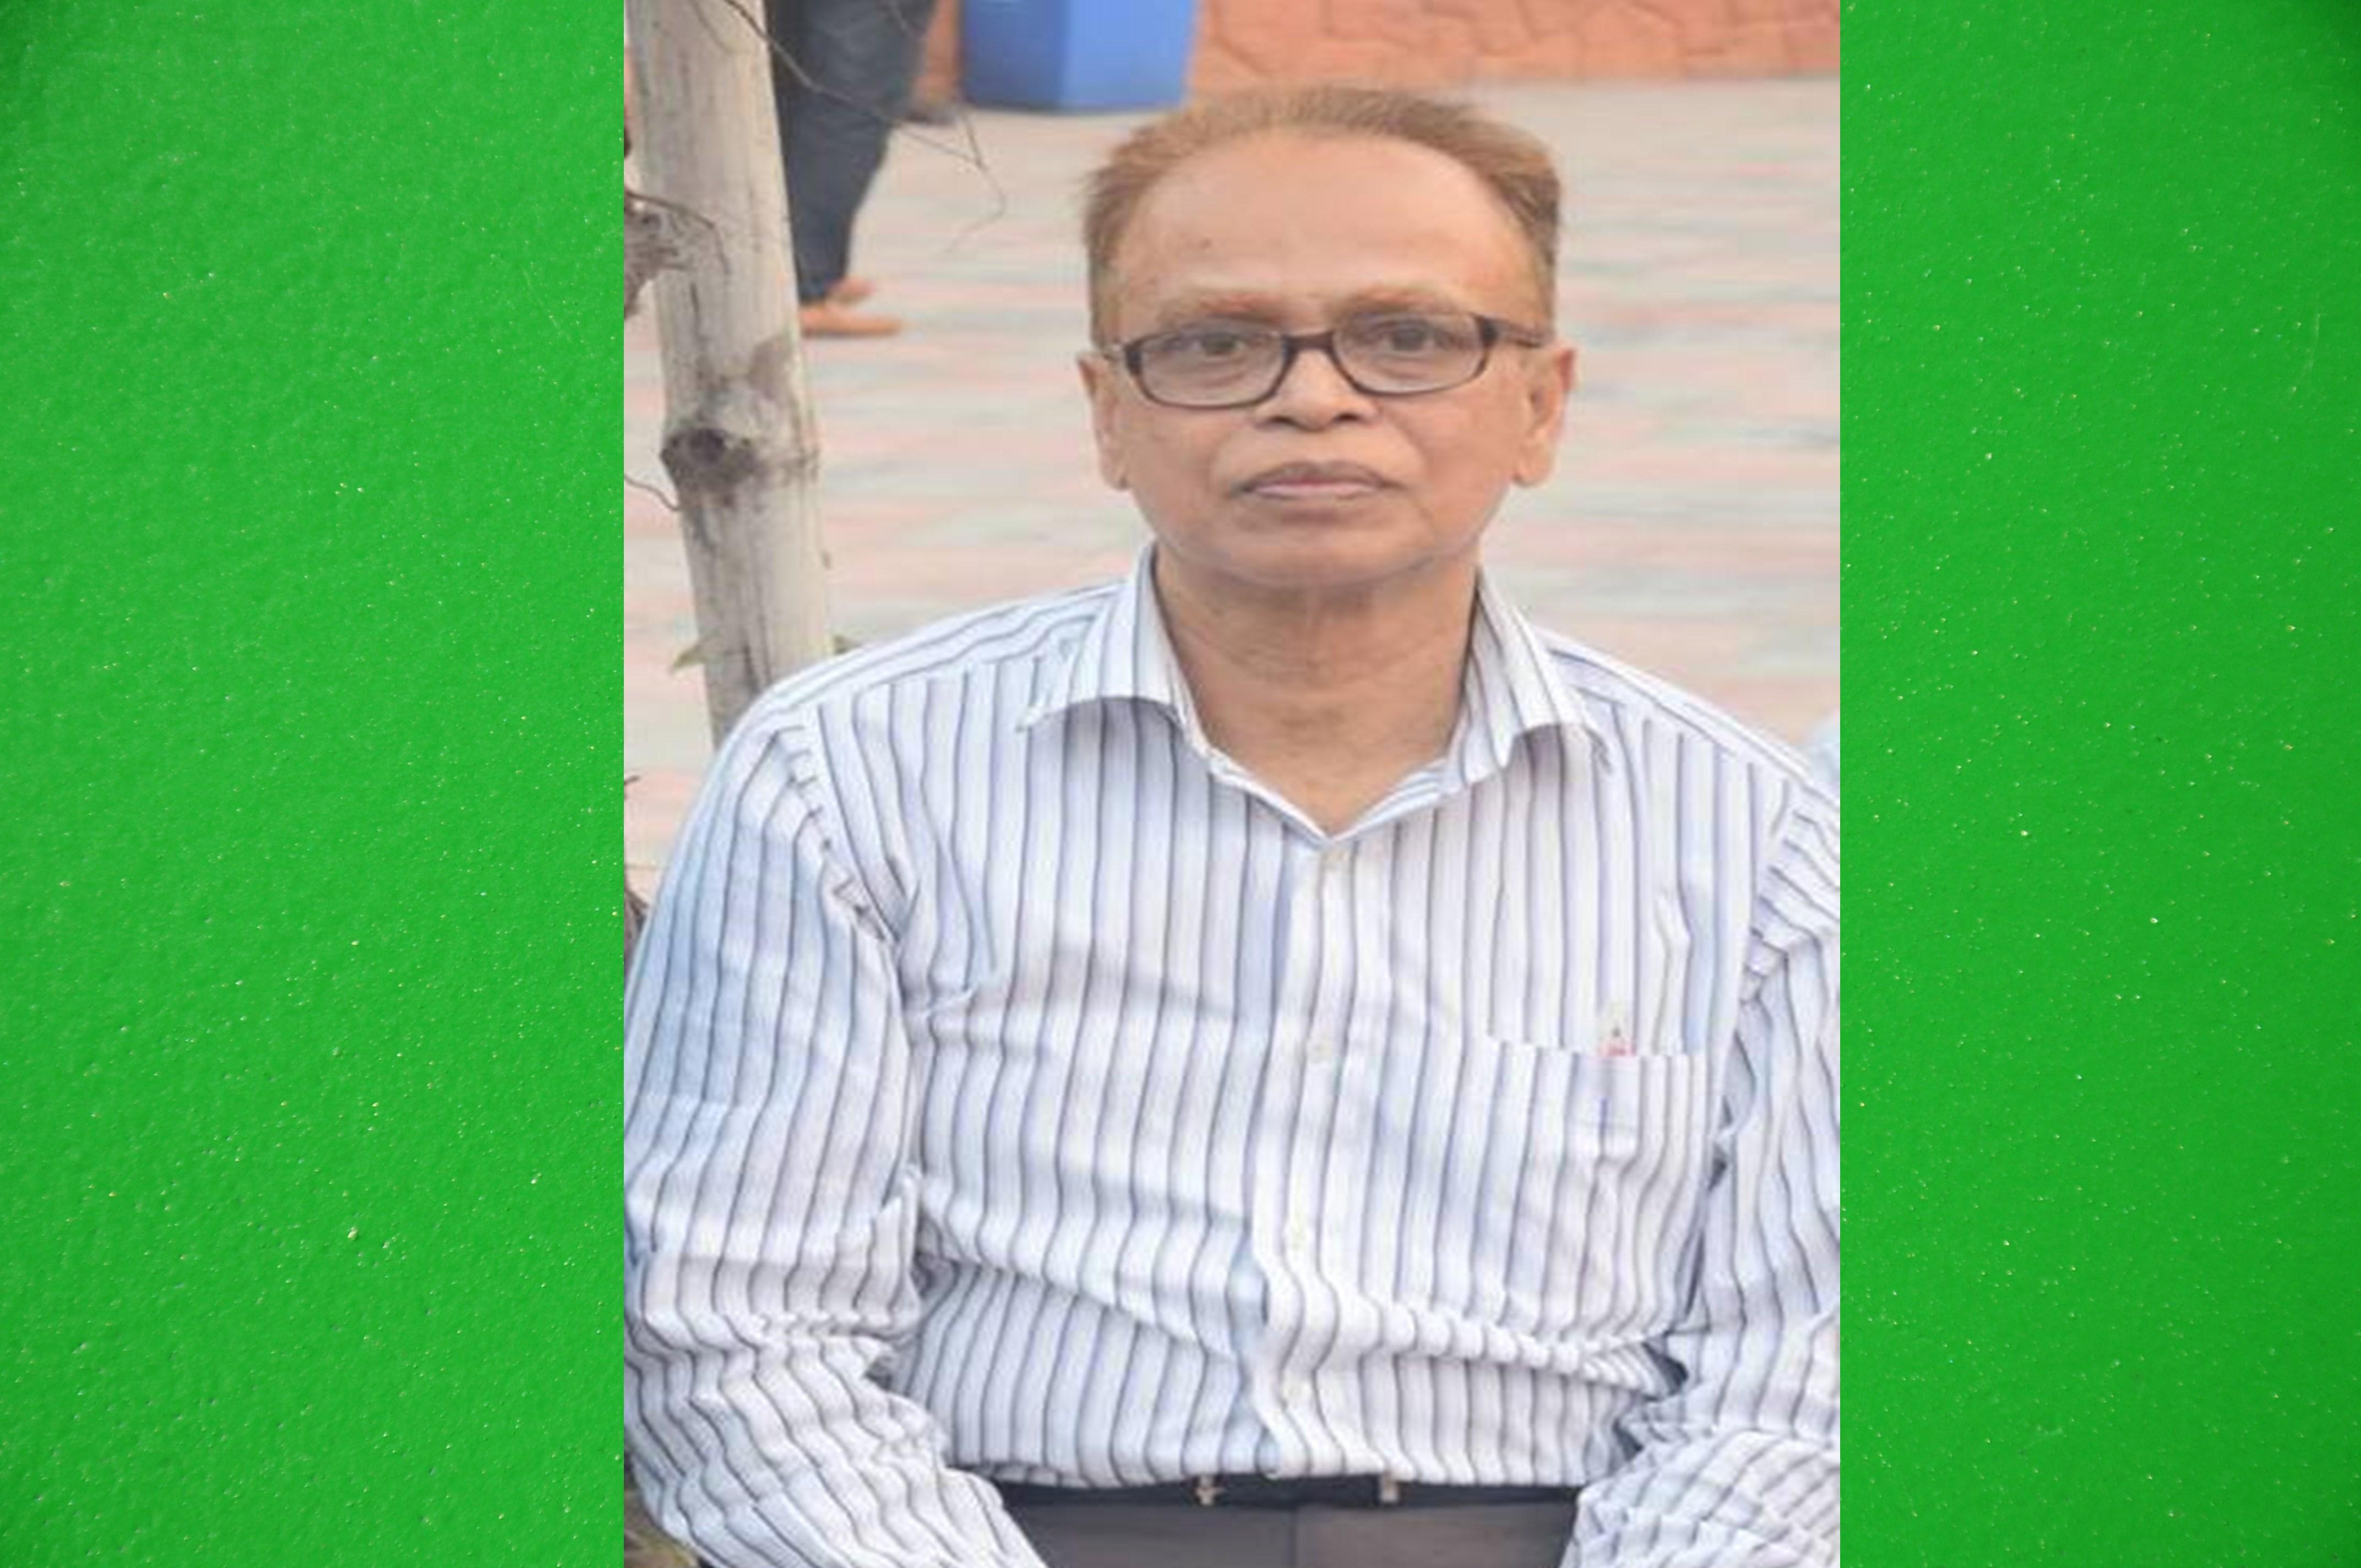 'বঙ্গবন্ধুর হত্যার পর ঢাকা বিশ্ববিদ্যালয়ের সবাই চুপ হয়ে গিয়েছিল'